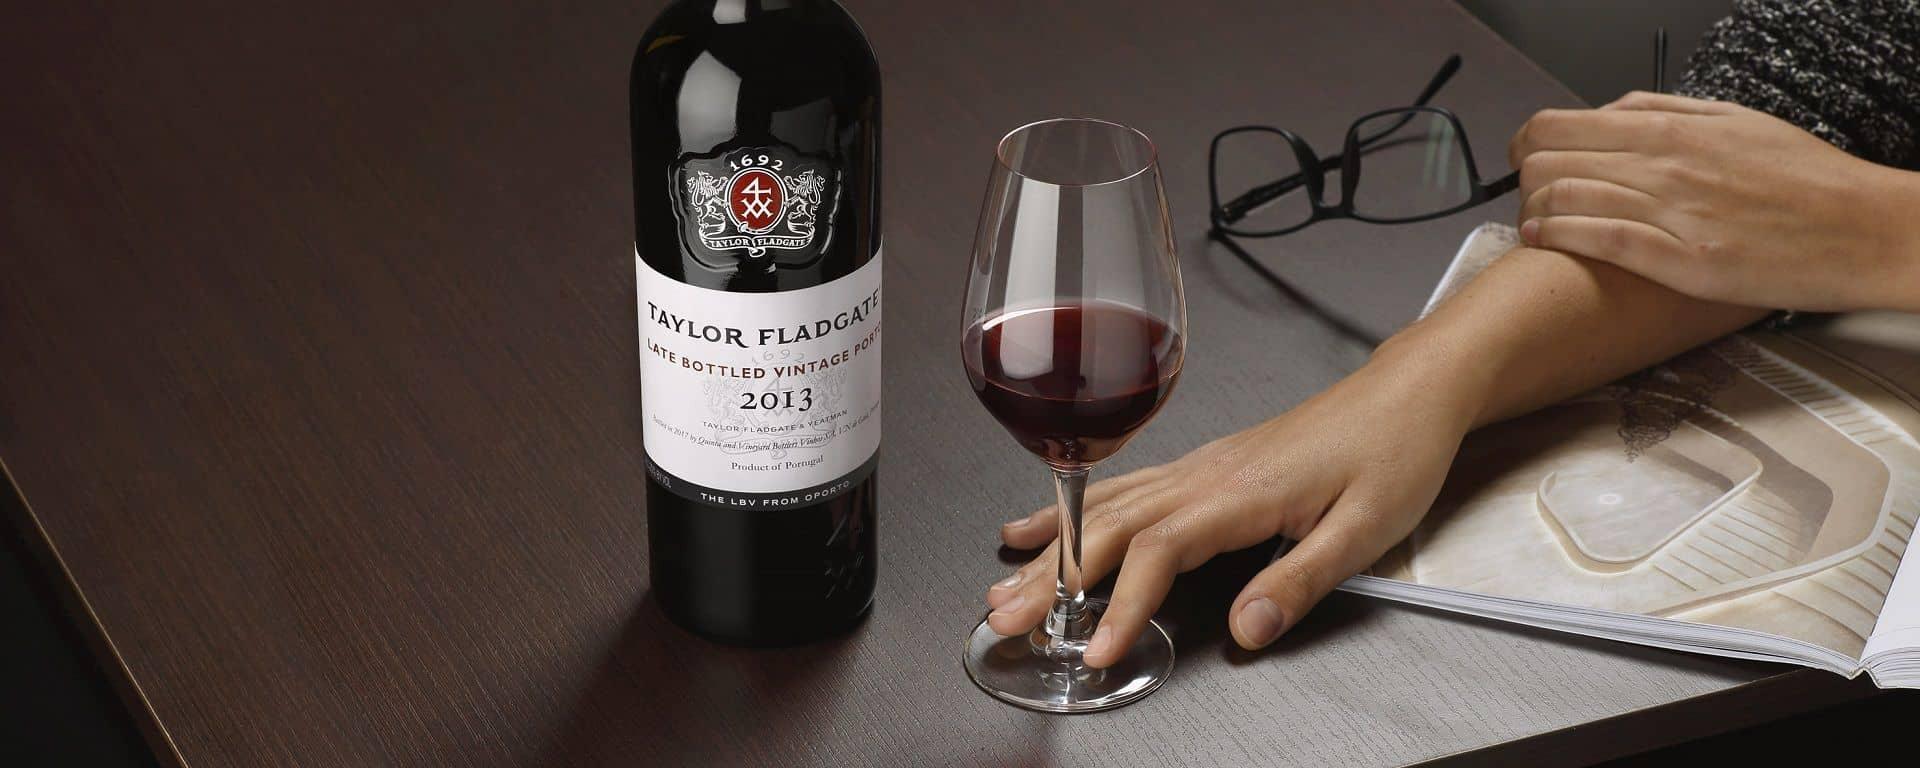 2013 Late Bottled Vintage Port wine bottle